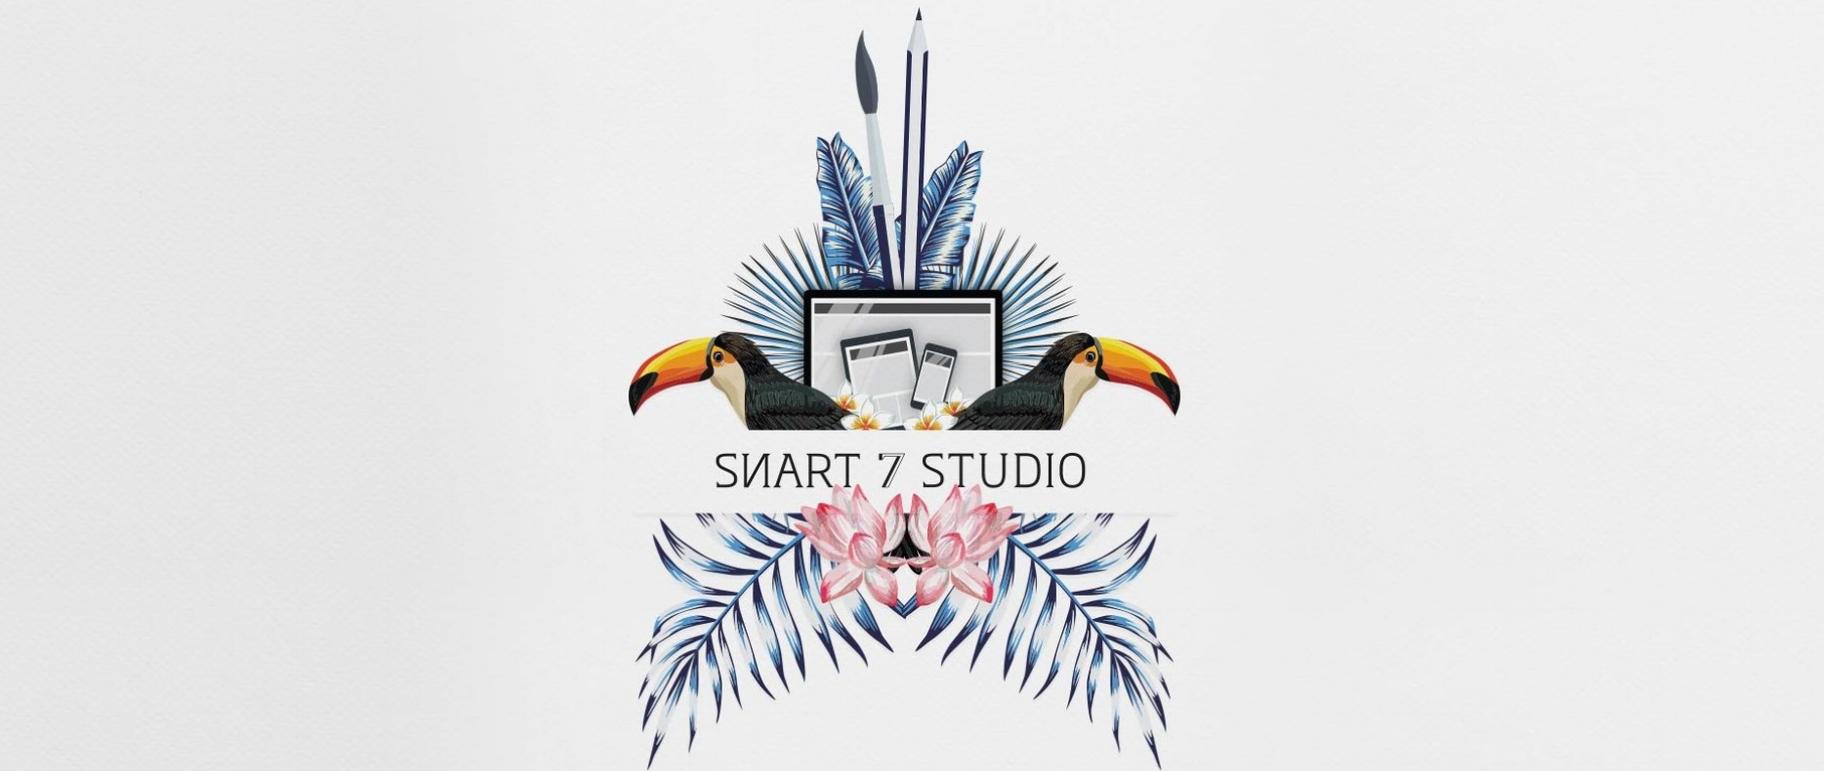 snart-7-studio-SUP